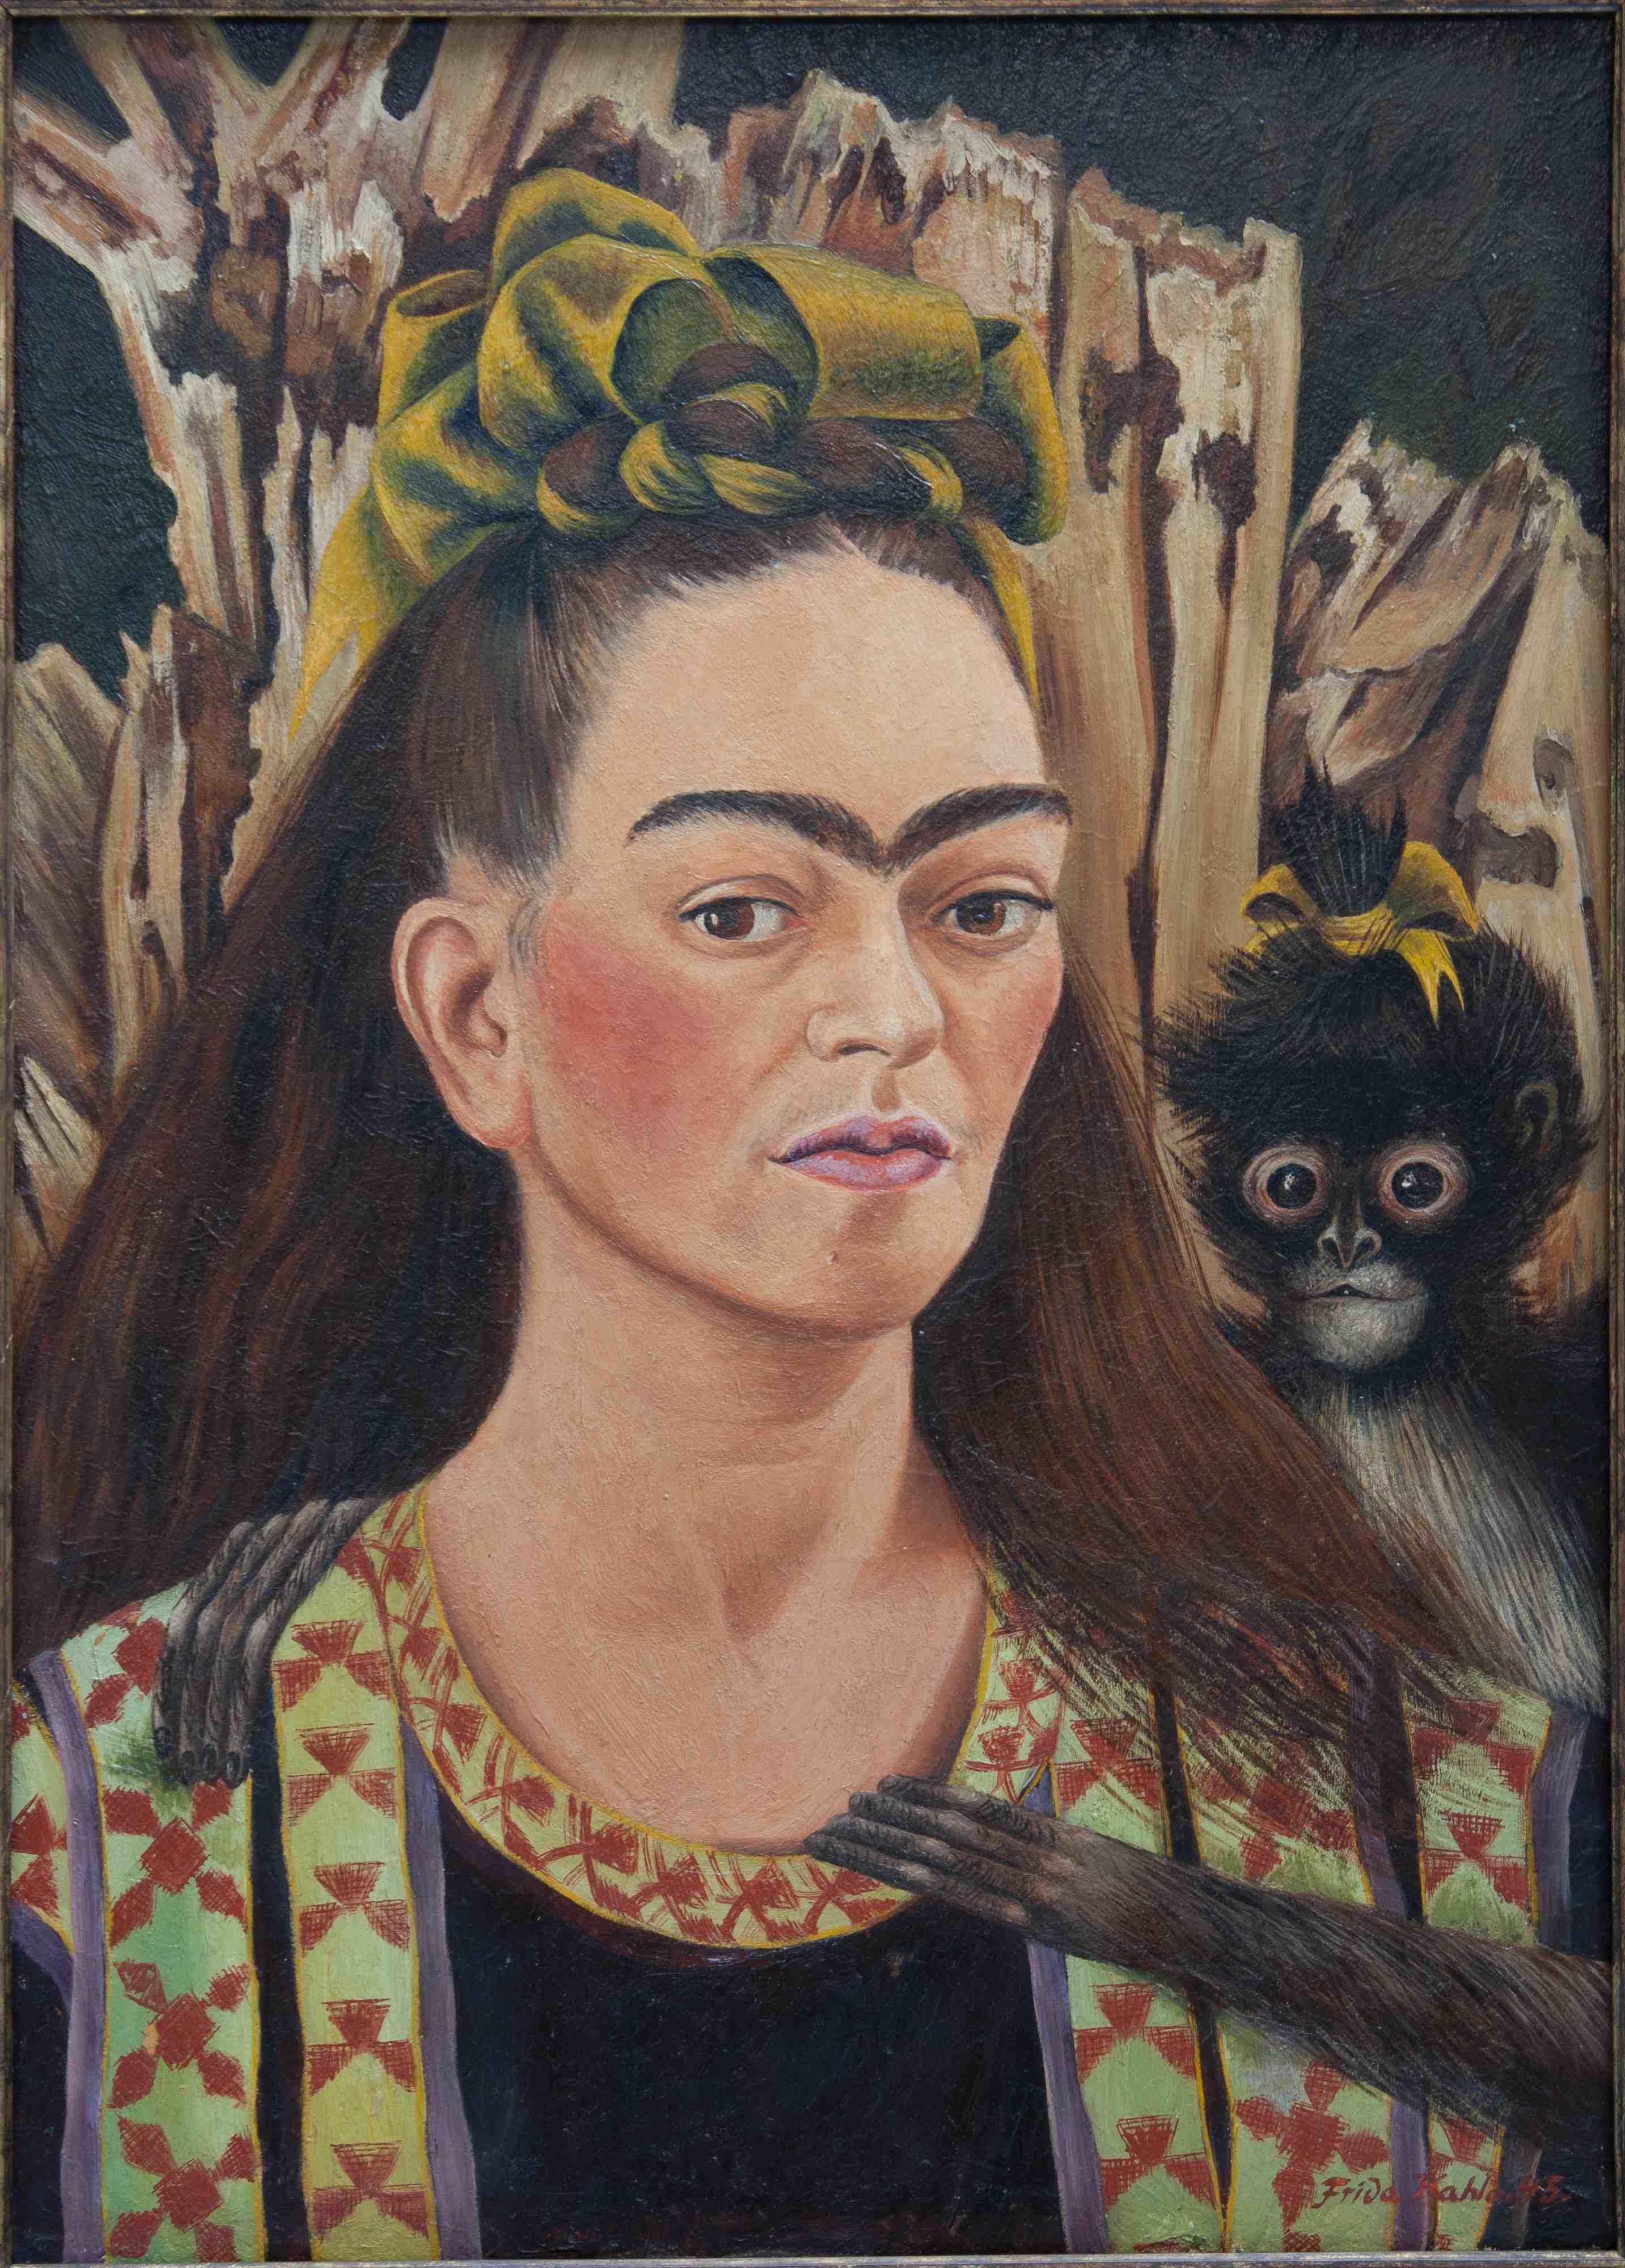 Självporträtt med apa, Frida Kahlo, 1945. Foto: Antonio Berlanga/Louisiana